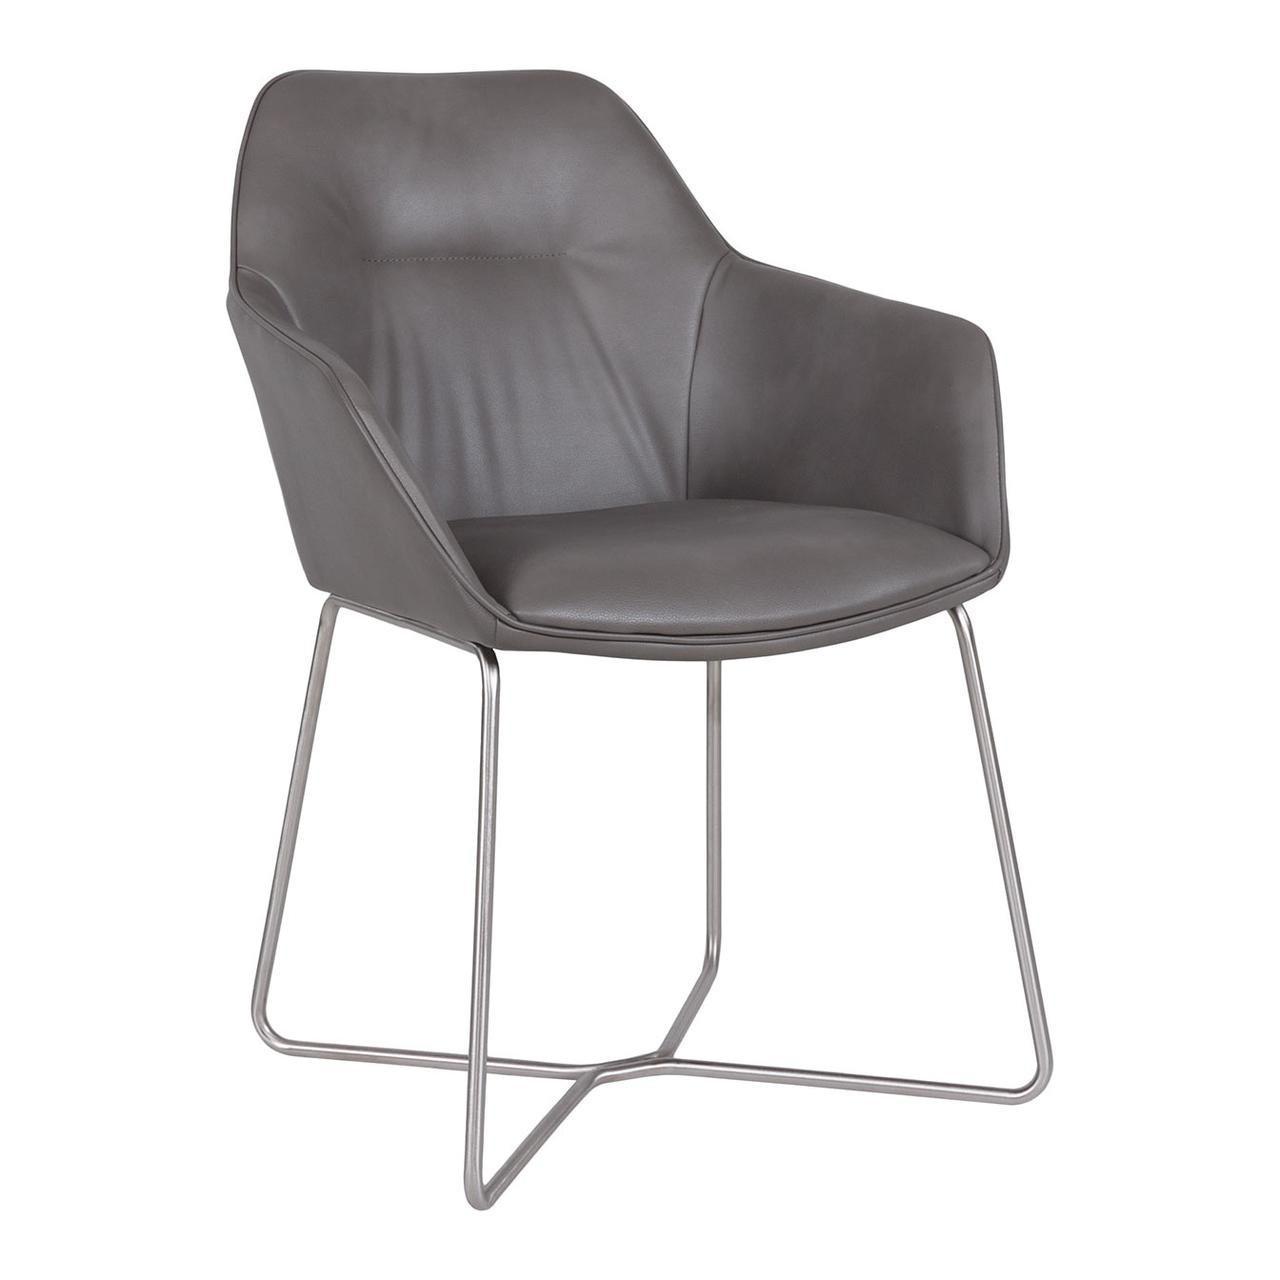 Кресло Laredo (Ларедо) серый кожзам от Niсolas